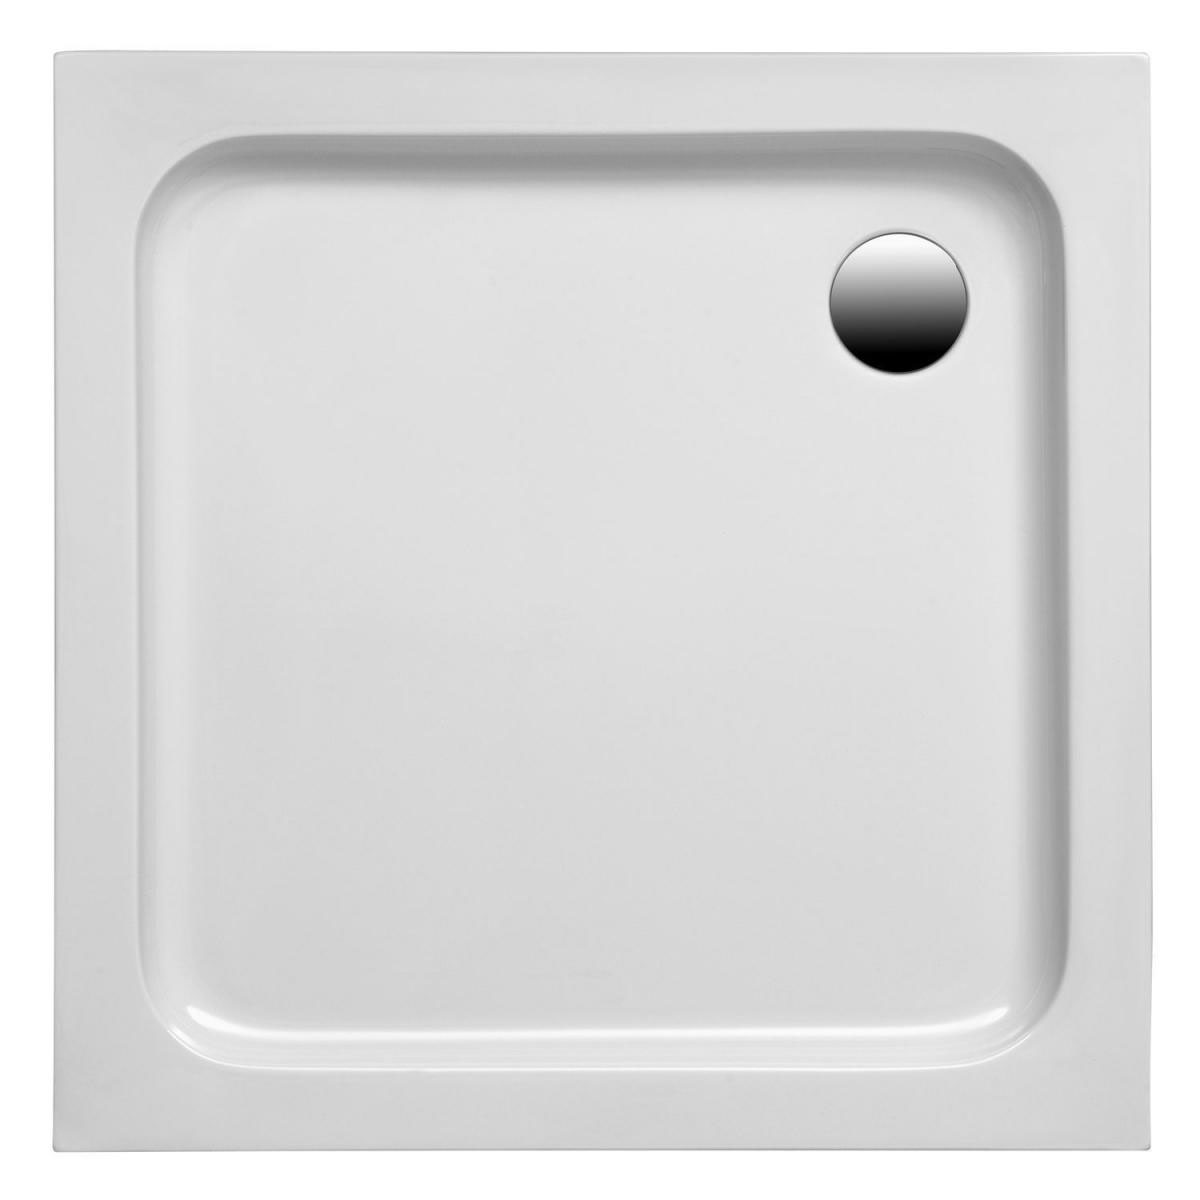 Ottofond Duschtasse, Samos 80 x 75 x 6 cm, weiss 940501